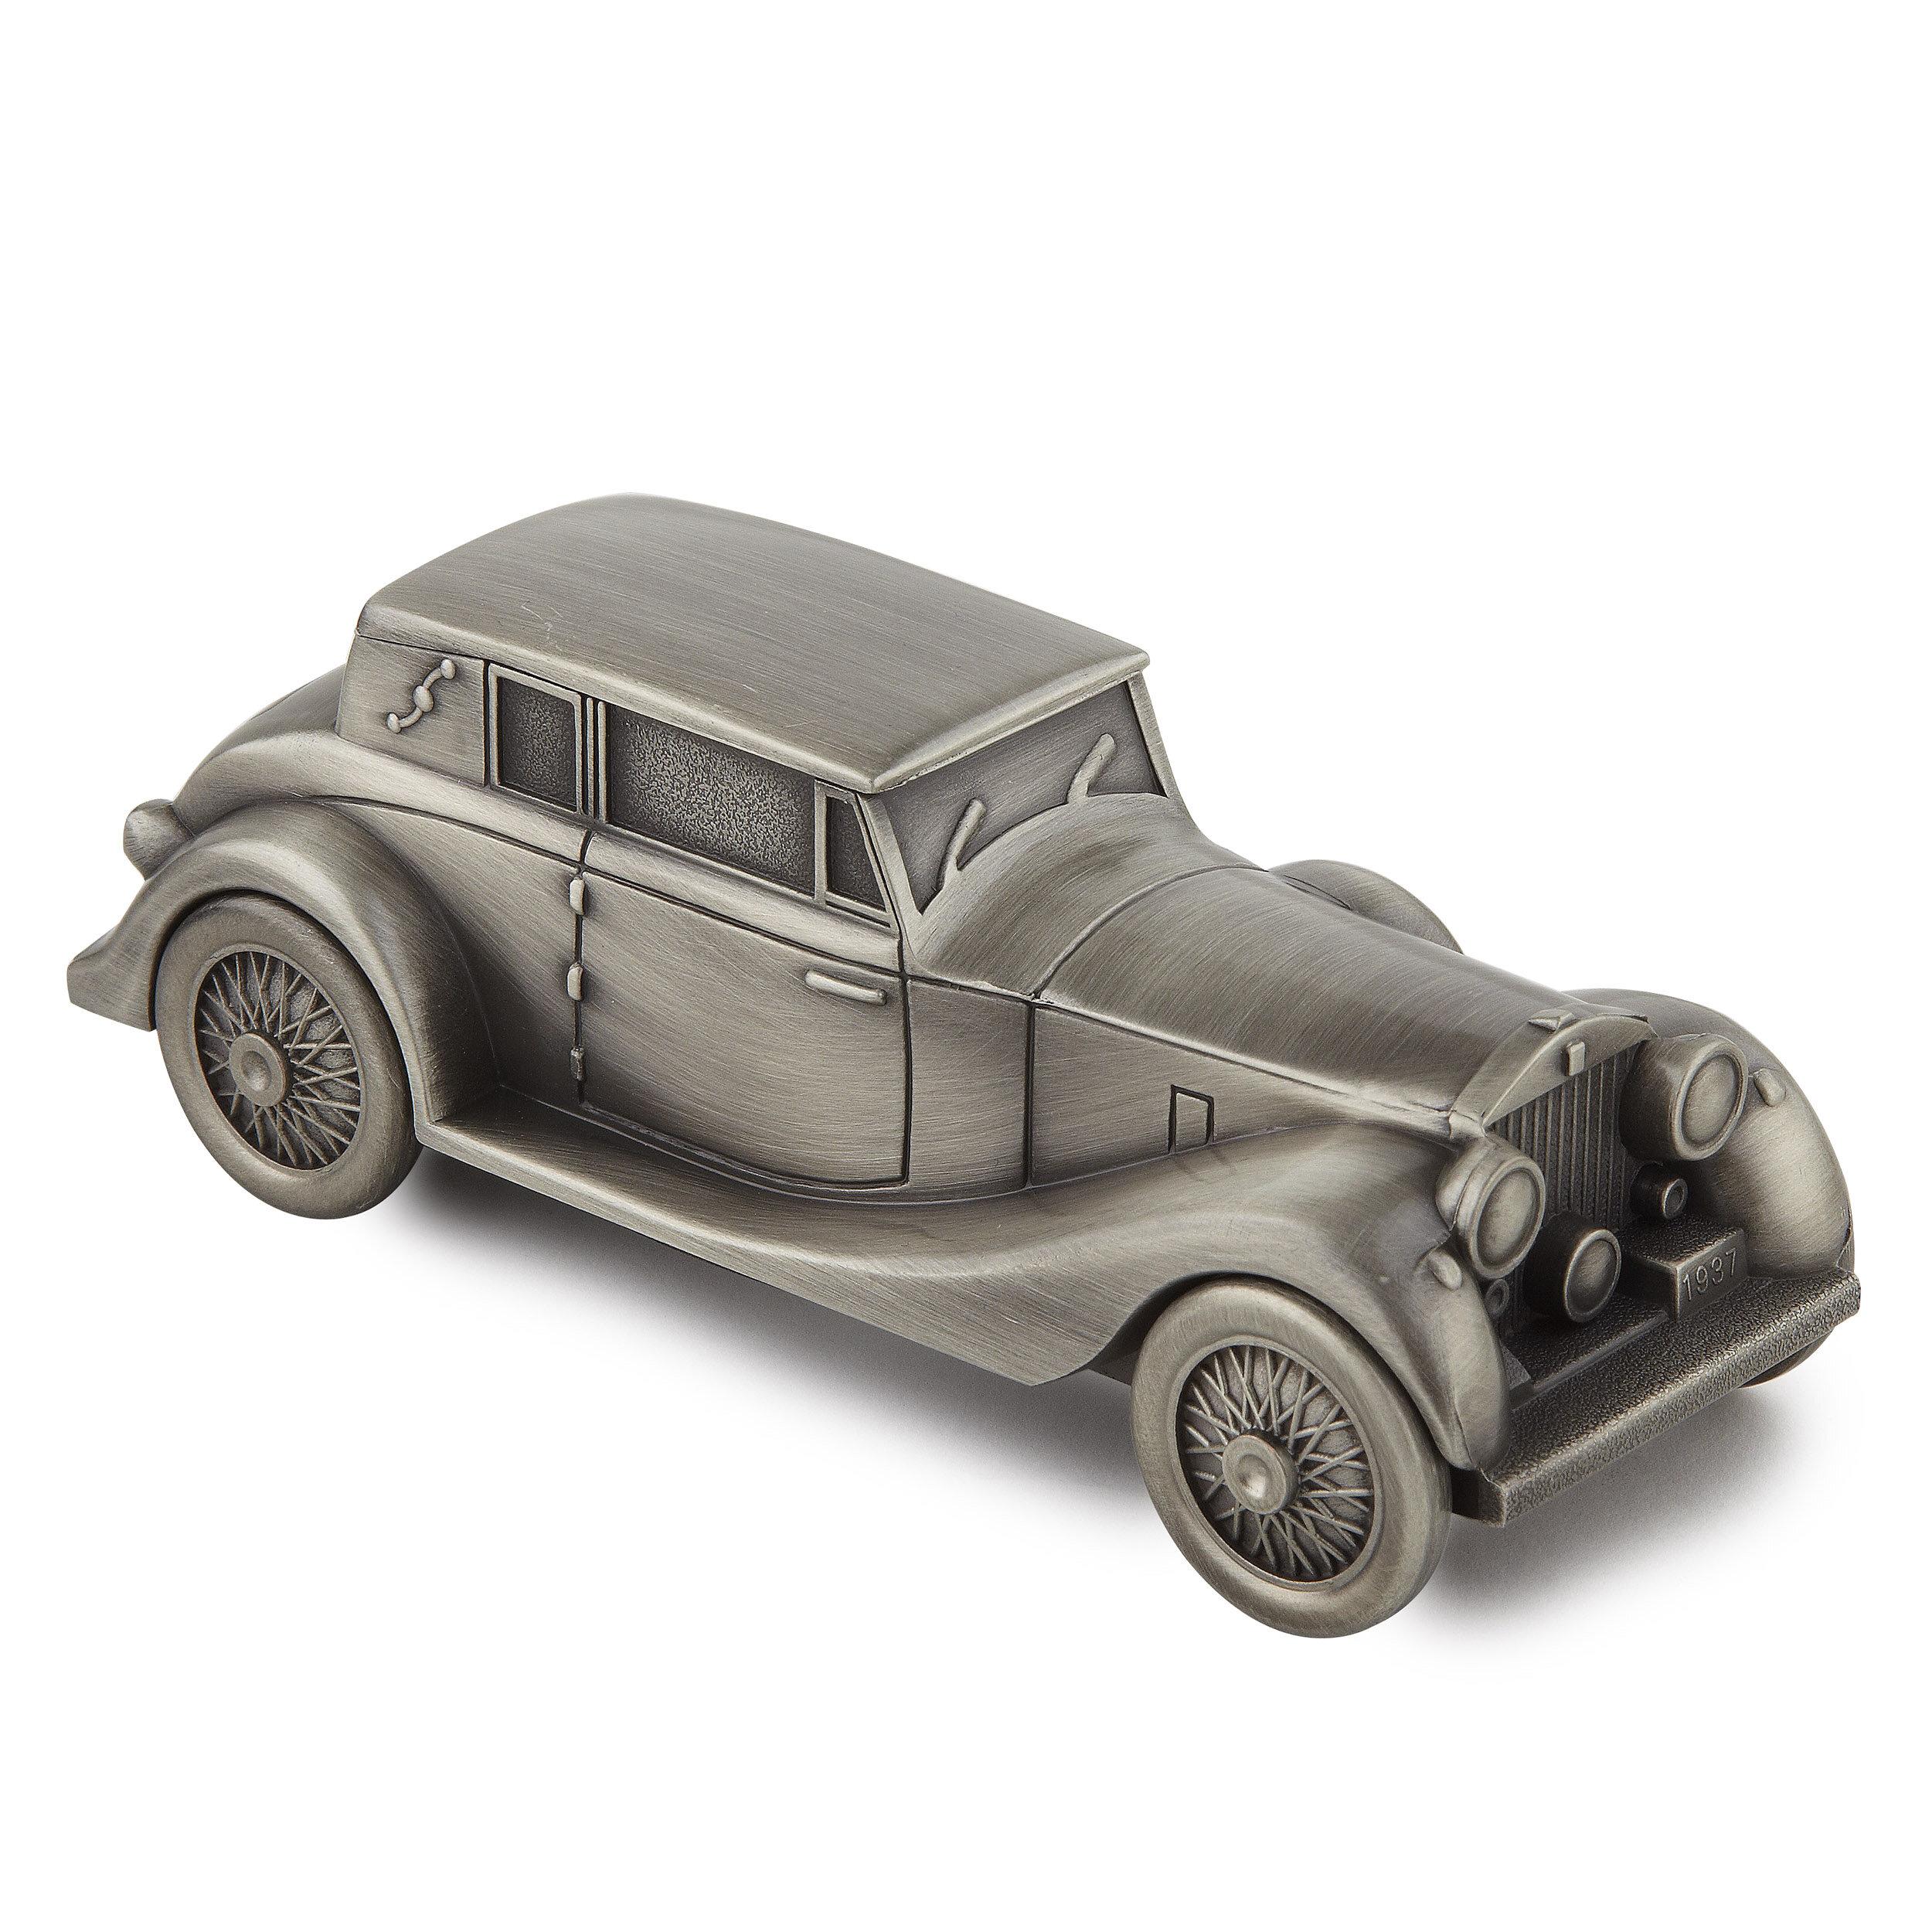 Harriet Bee Seagle Antique Car Money Piggy Bank Wayfair